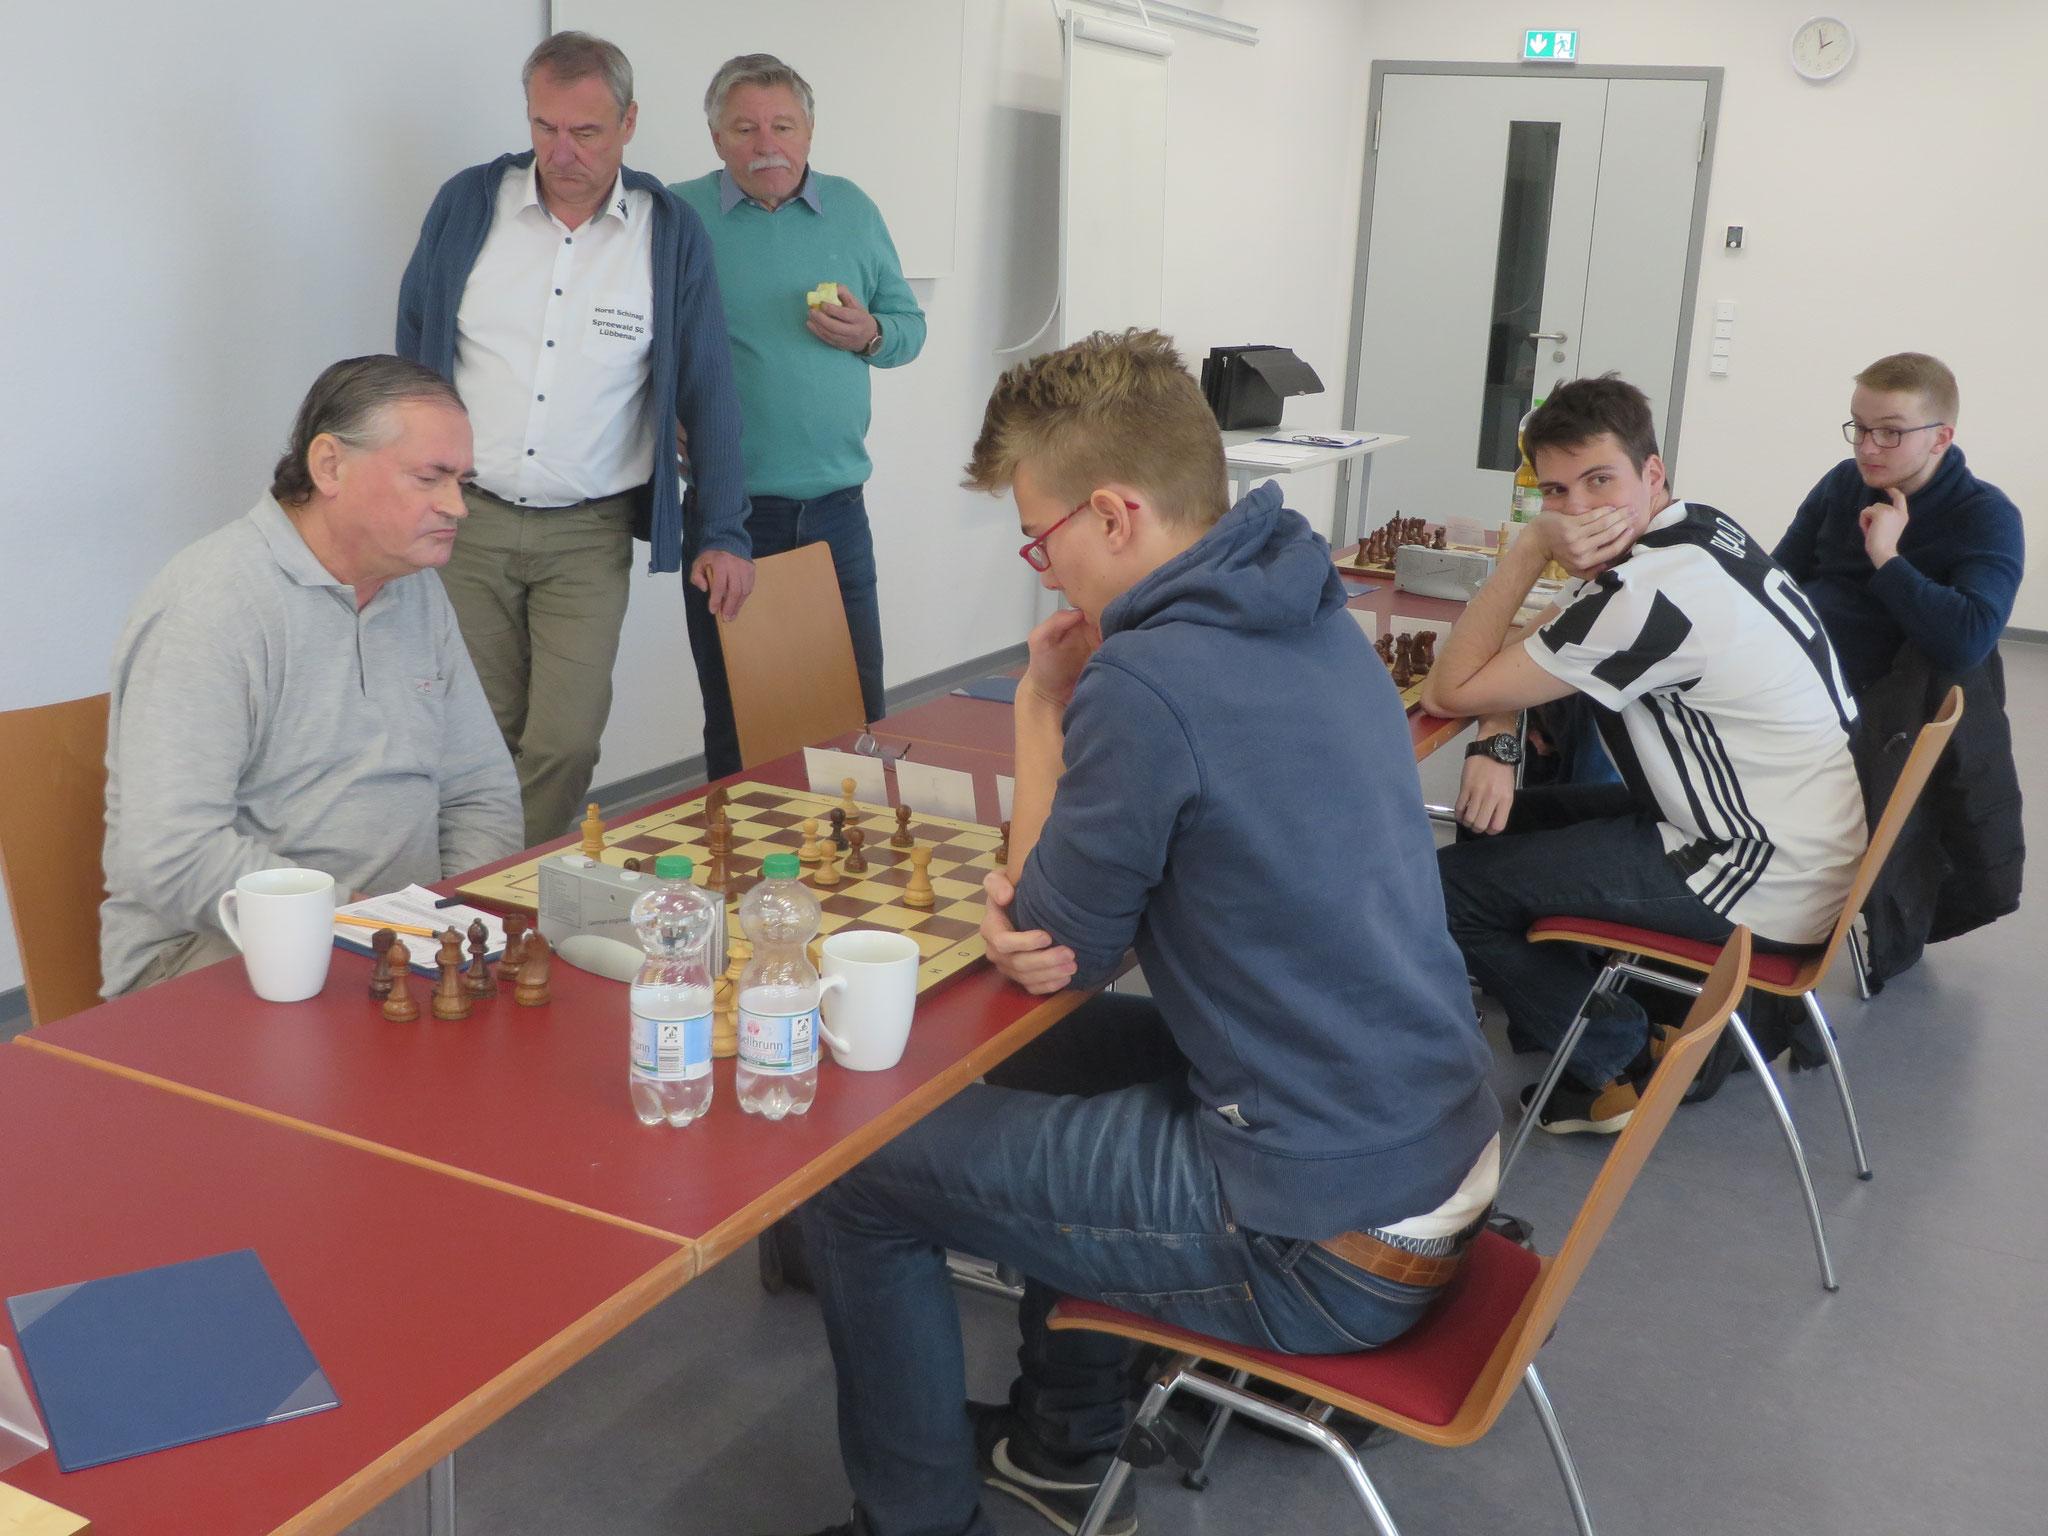 Beim Stand von 0,5-2,5 ist das Match zwar schon zugunsten des SC Empor Potsdam entschieden, aber Jürgen kämpft noch tapfer